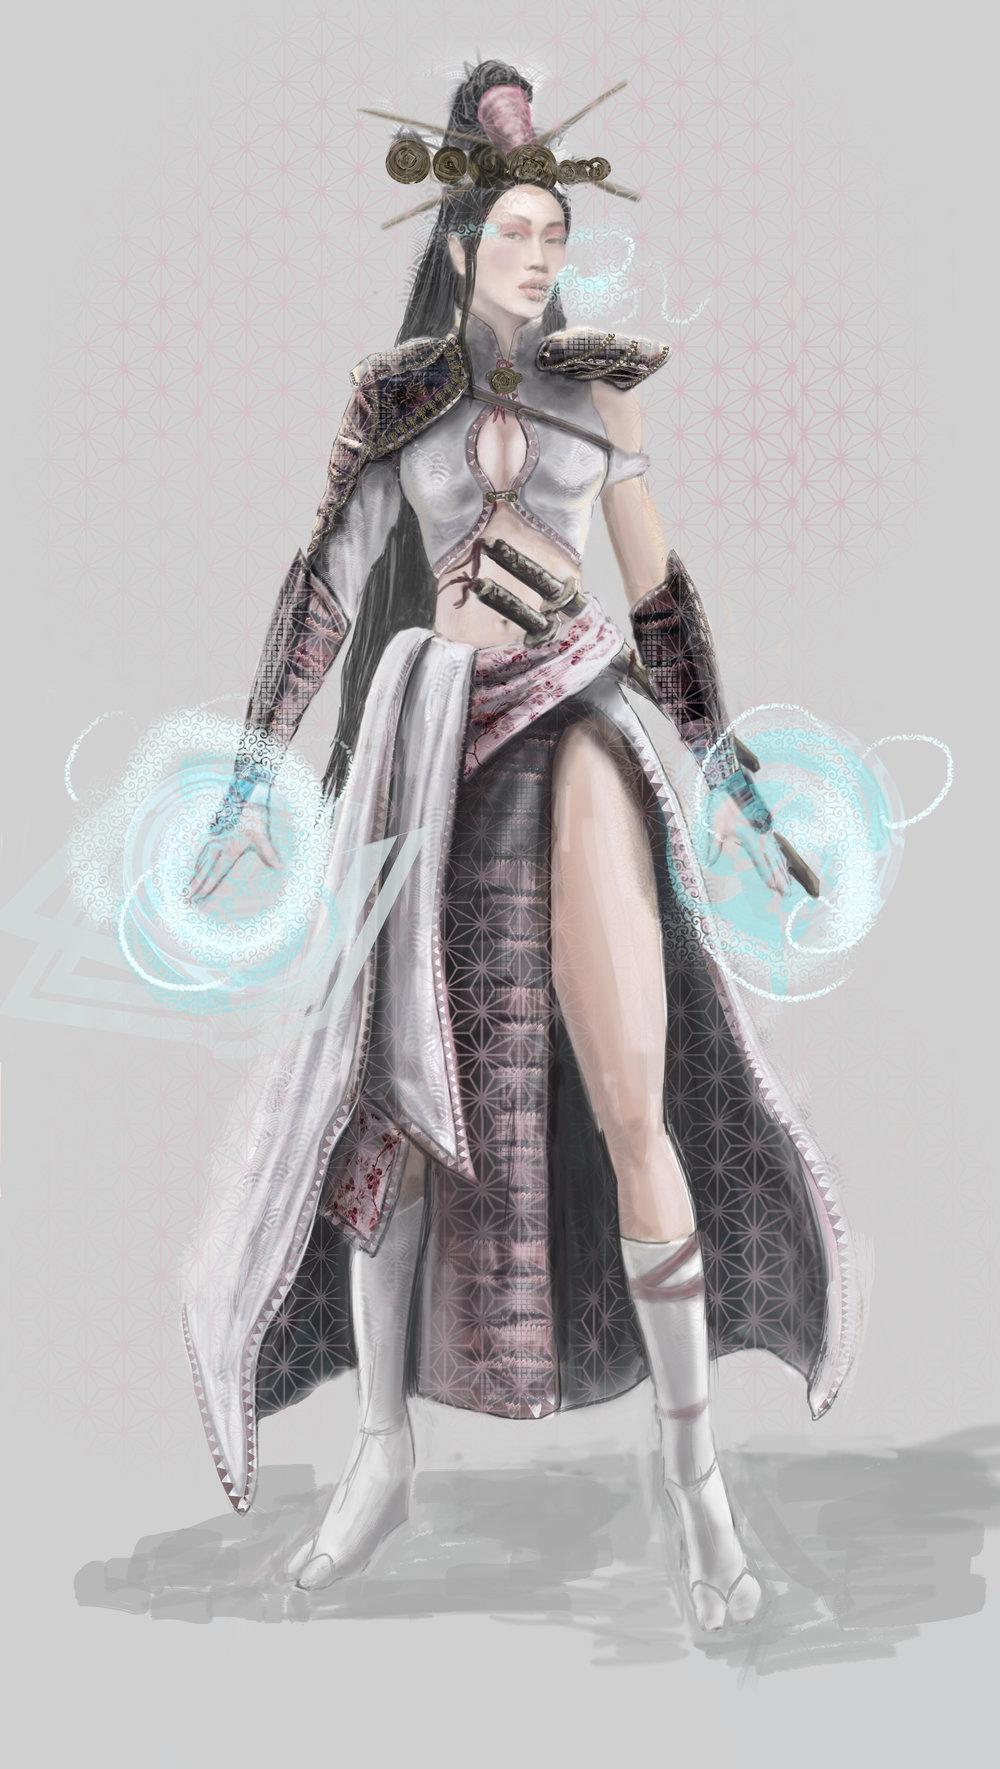 geishawarriorfinal.jpg